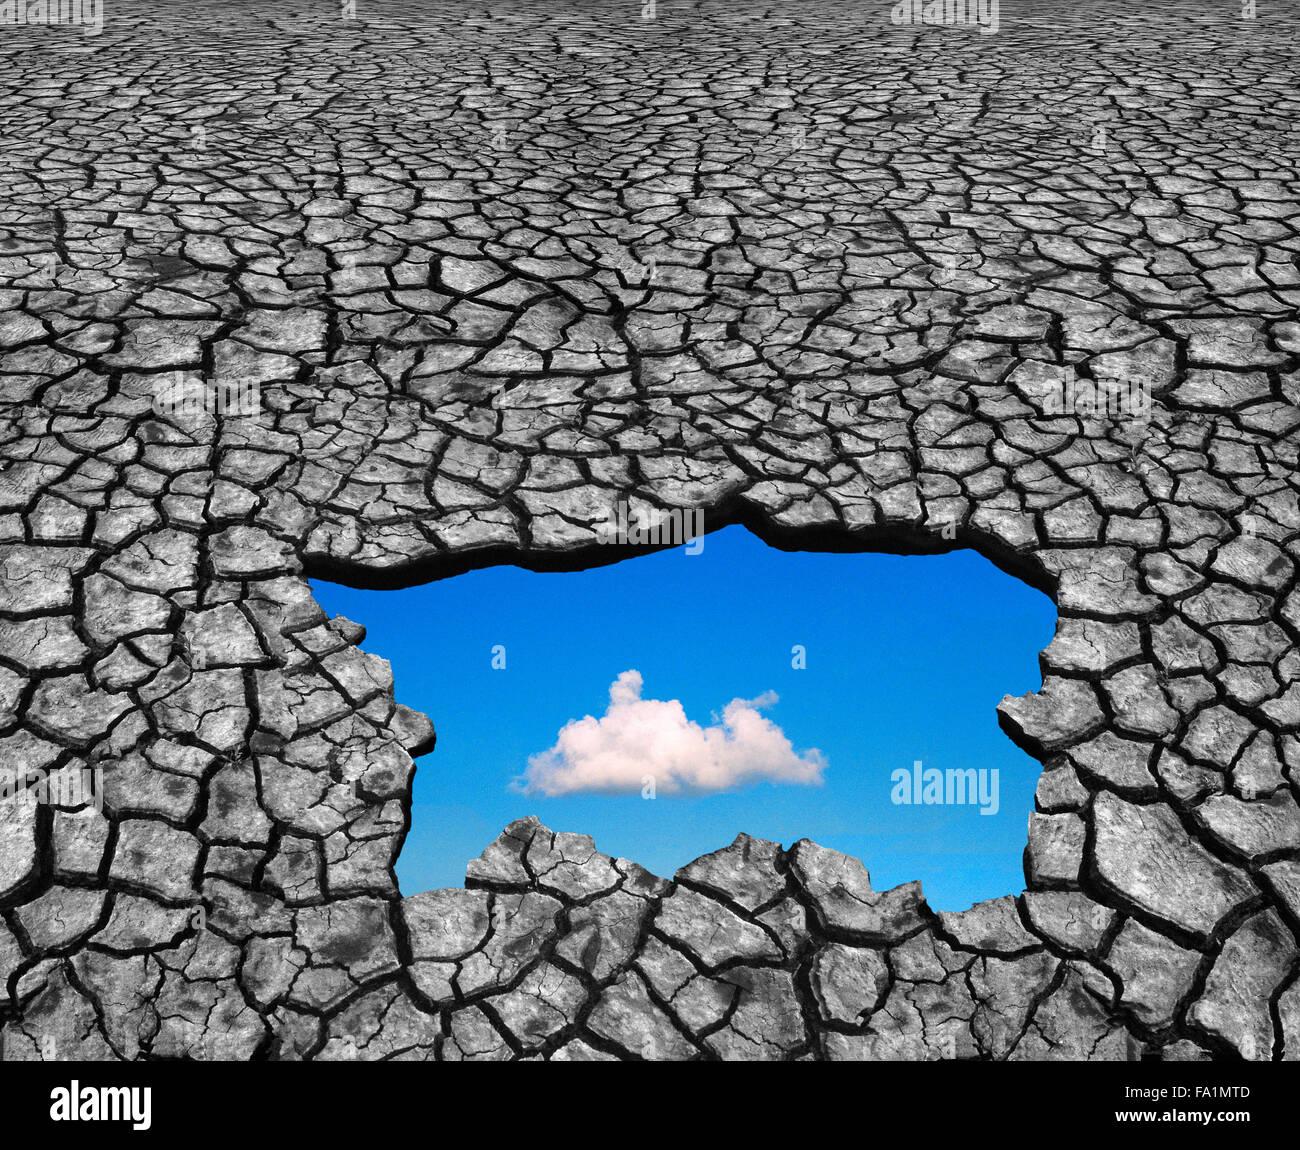 Il cambiamento climatico con speranza e ottimismo che mostra attraverso la siccità Immagini Stock